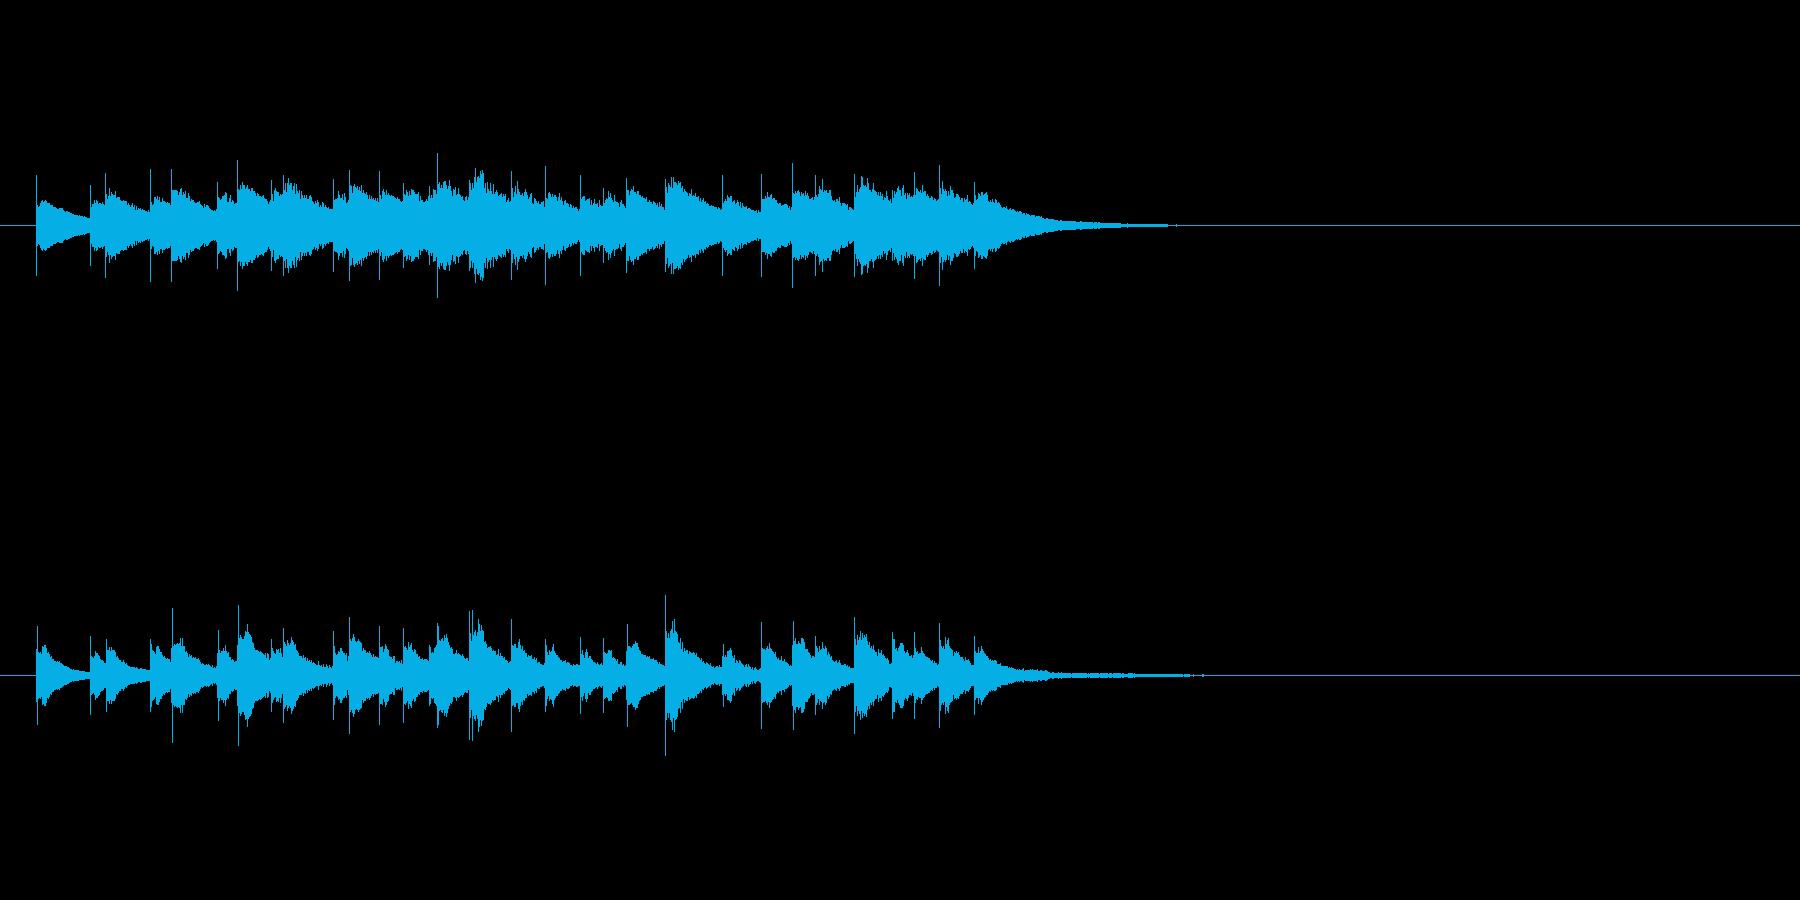 マジカルチャイムの再生済みの波形